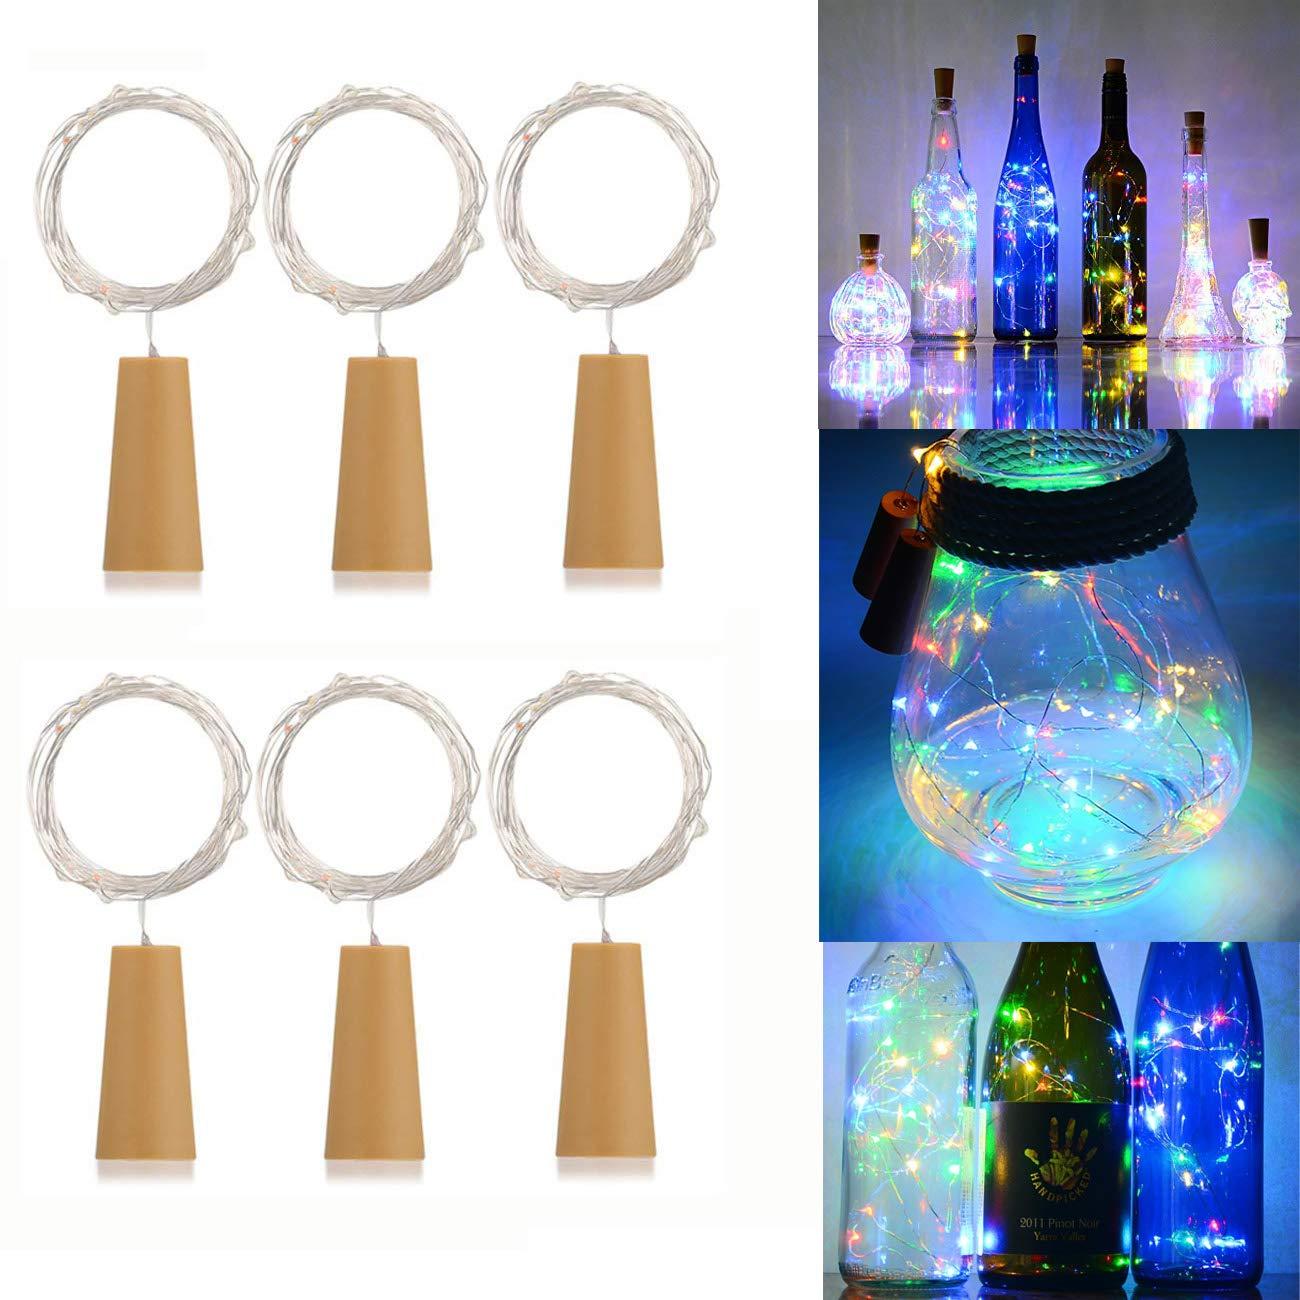 Catena luminosa con 20luci a LED, batterie scomparto in sughero forma, filo di rame, per la decorazione di bottiglie, per Natale, matrimonio, festa, luci colorate, 6pezzi ATP